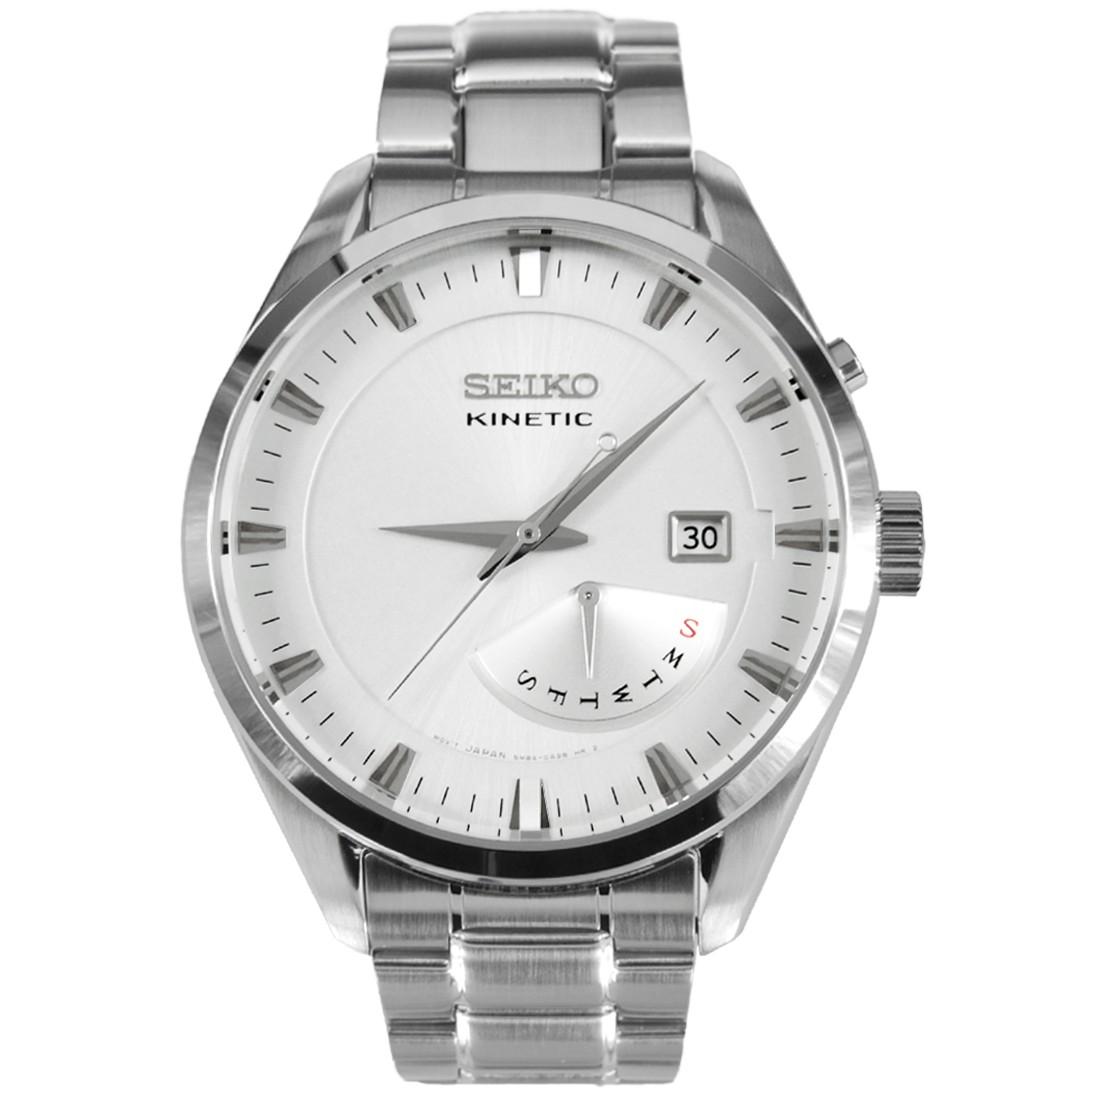 นาฬิกาผู้ชาย Seiko Kinetic รุ่น SRN043P1 Kinetic Men's Watch